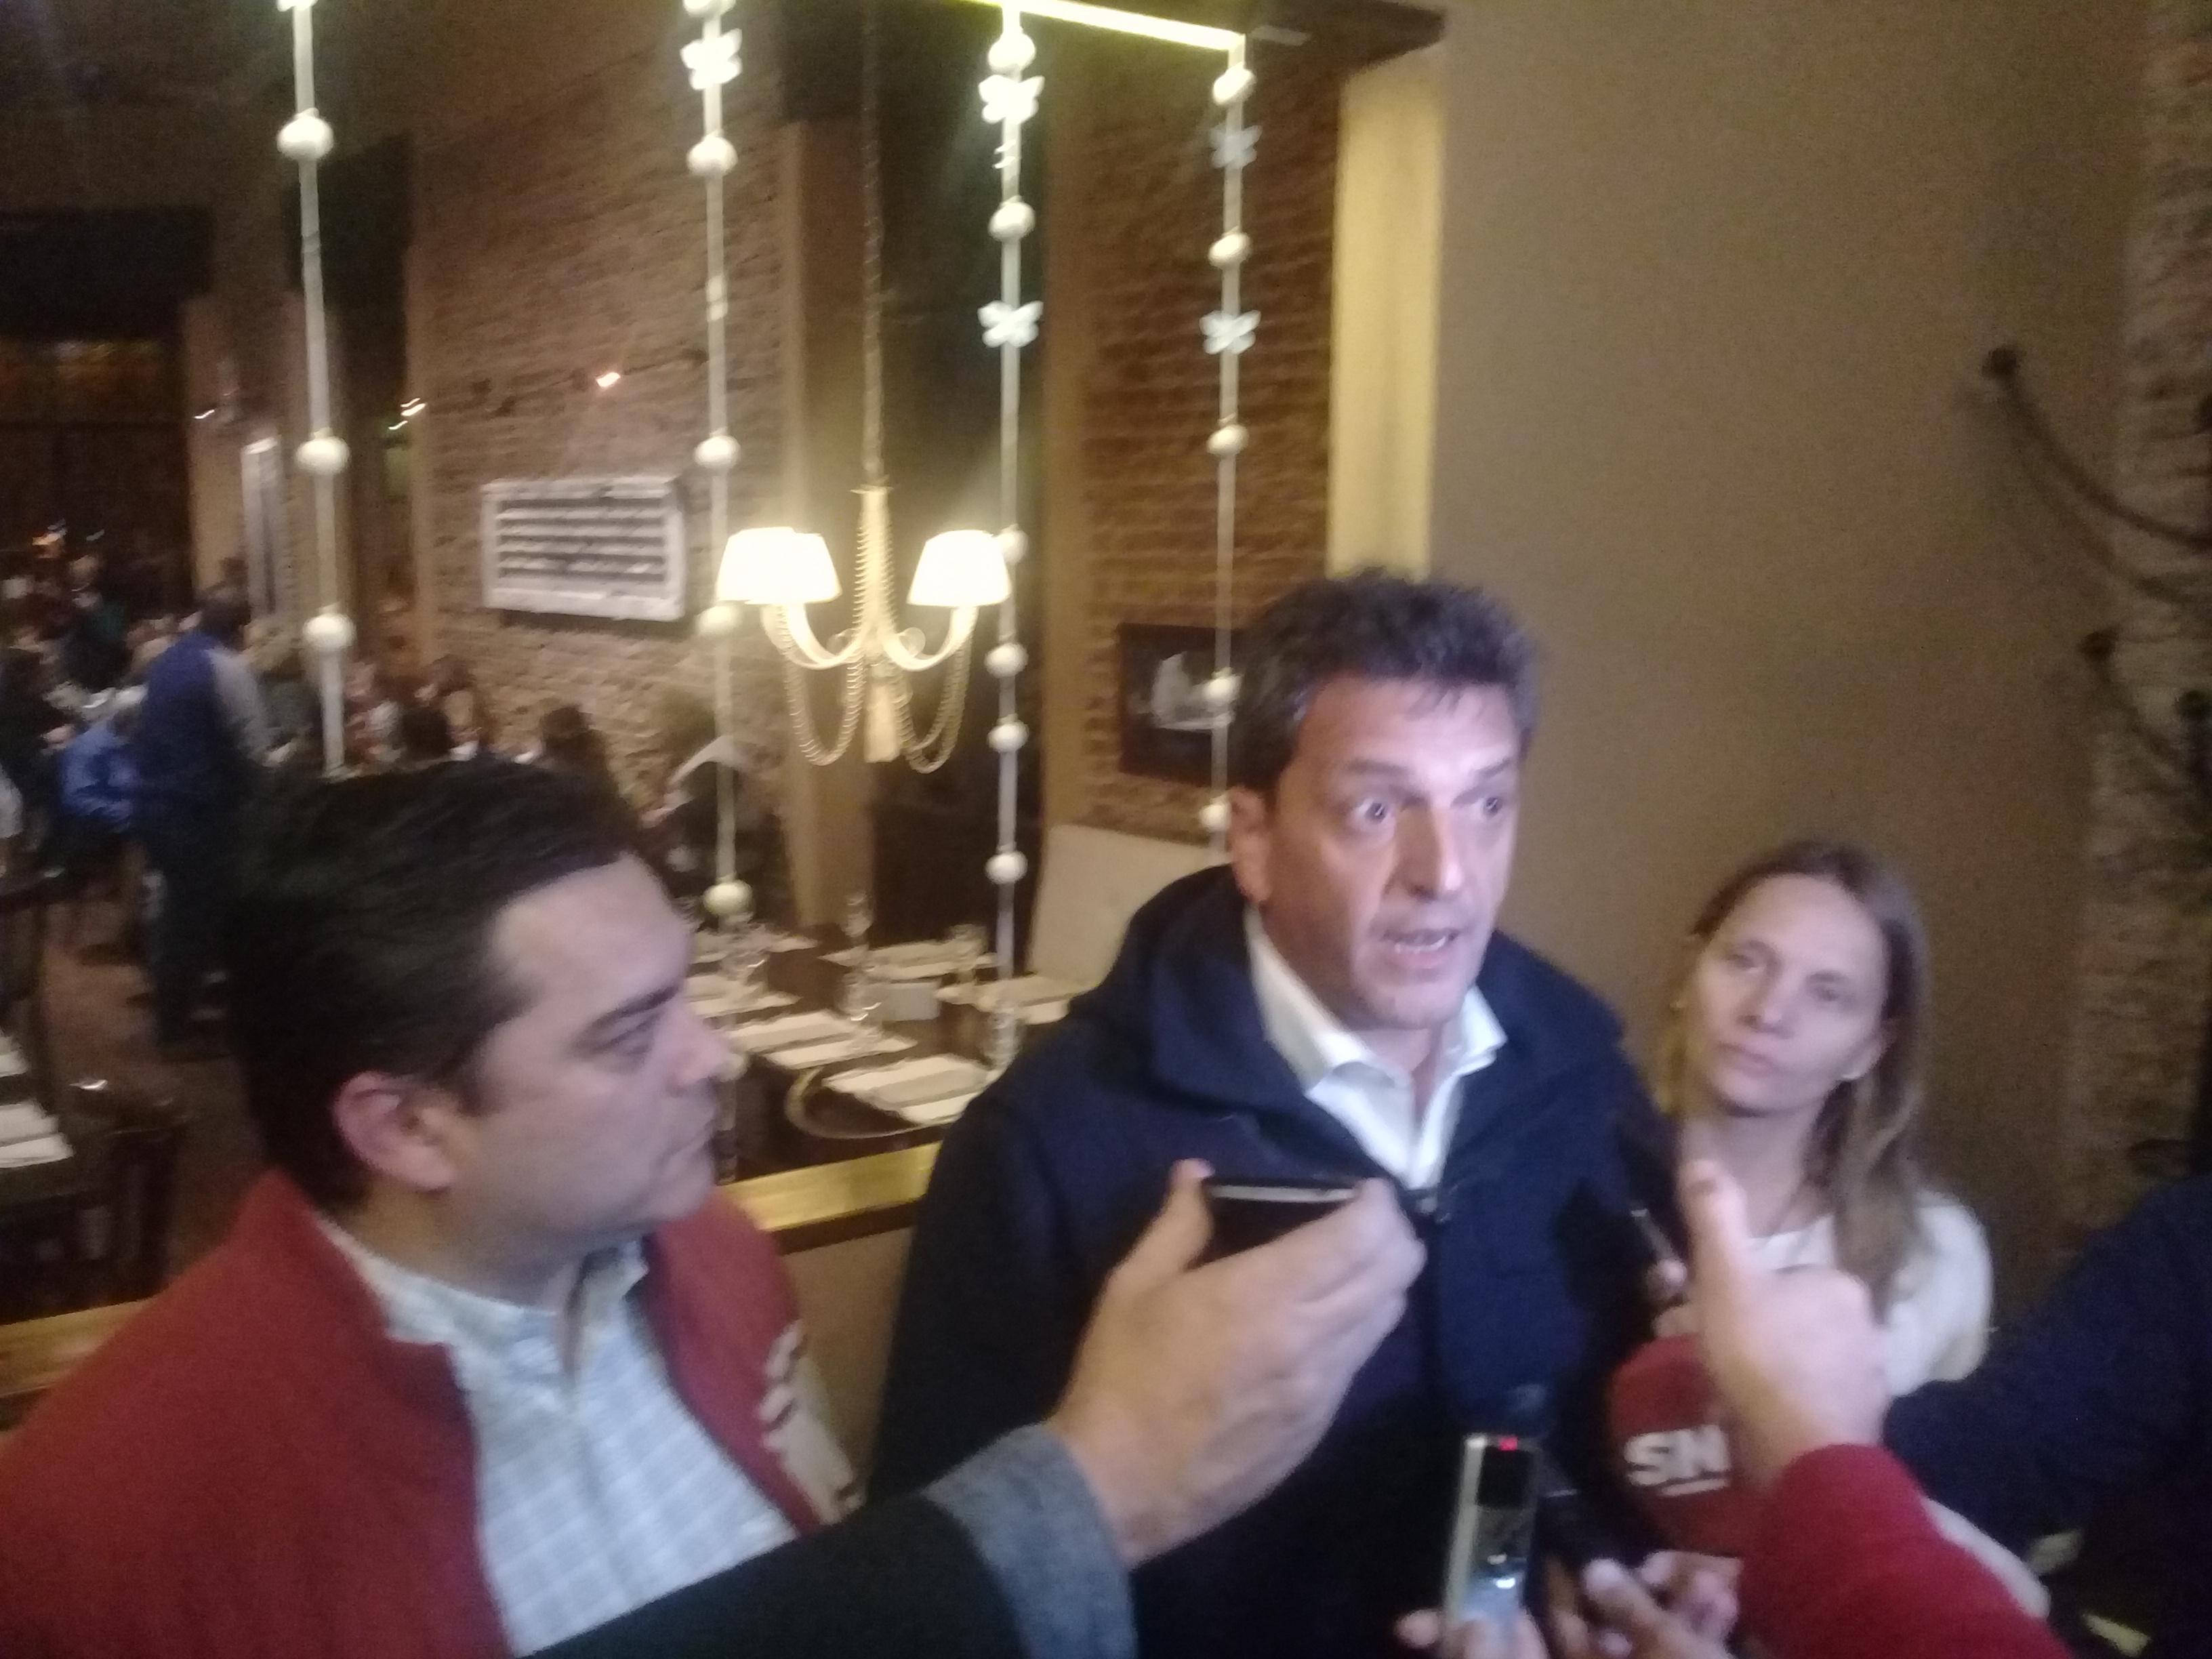 El líder del Frente Renovador y candidato a senador nacional por 1País, Sergio Massa, visitó este lunes 4 de septiembre nuestra región, de cara a las legislativas de octubre.